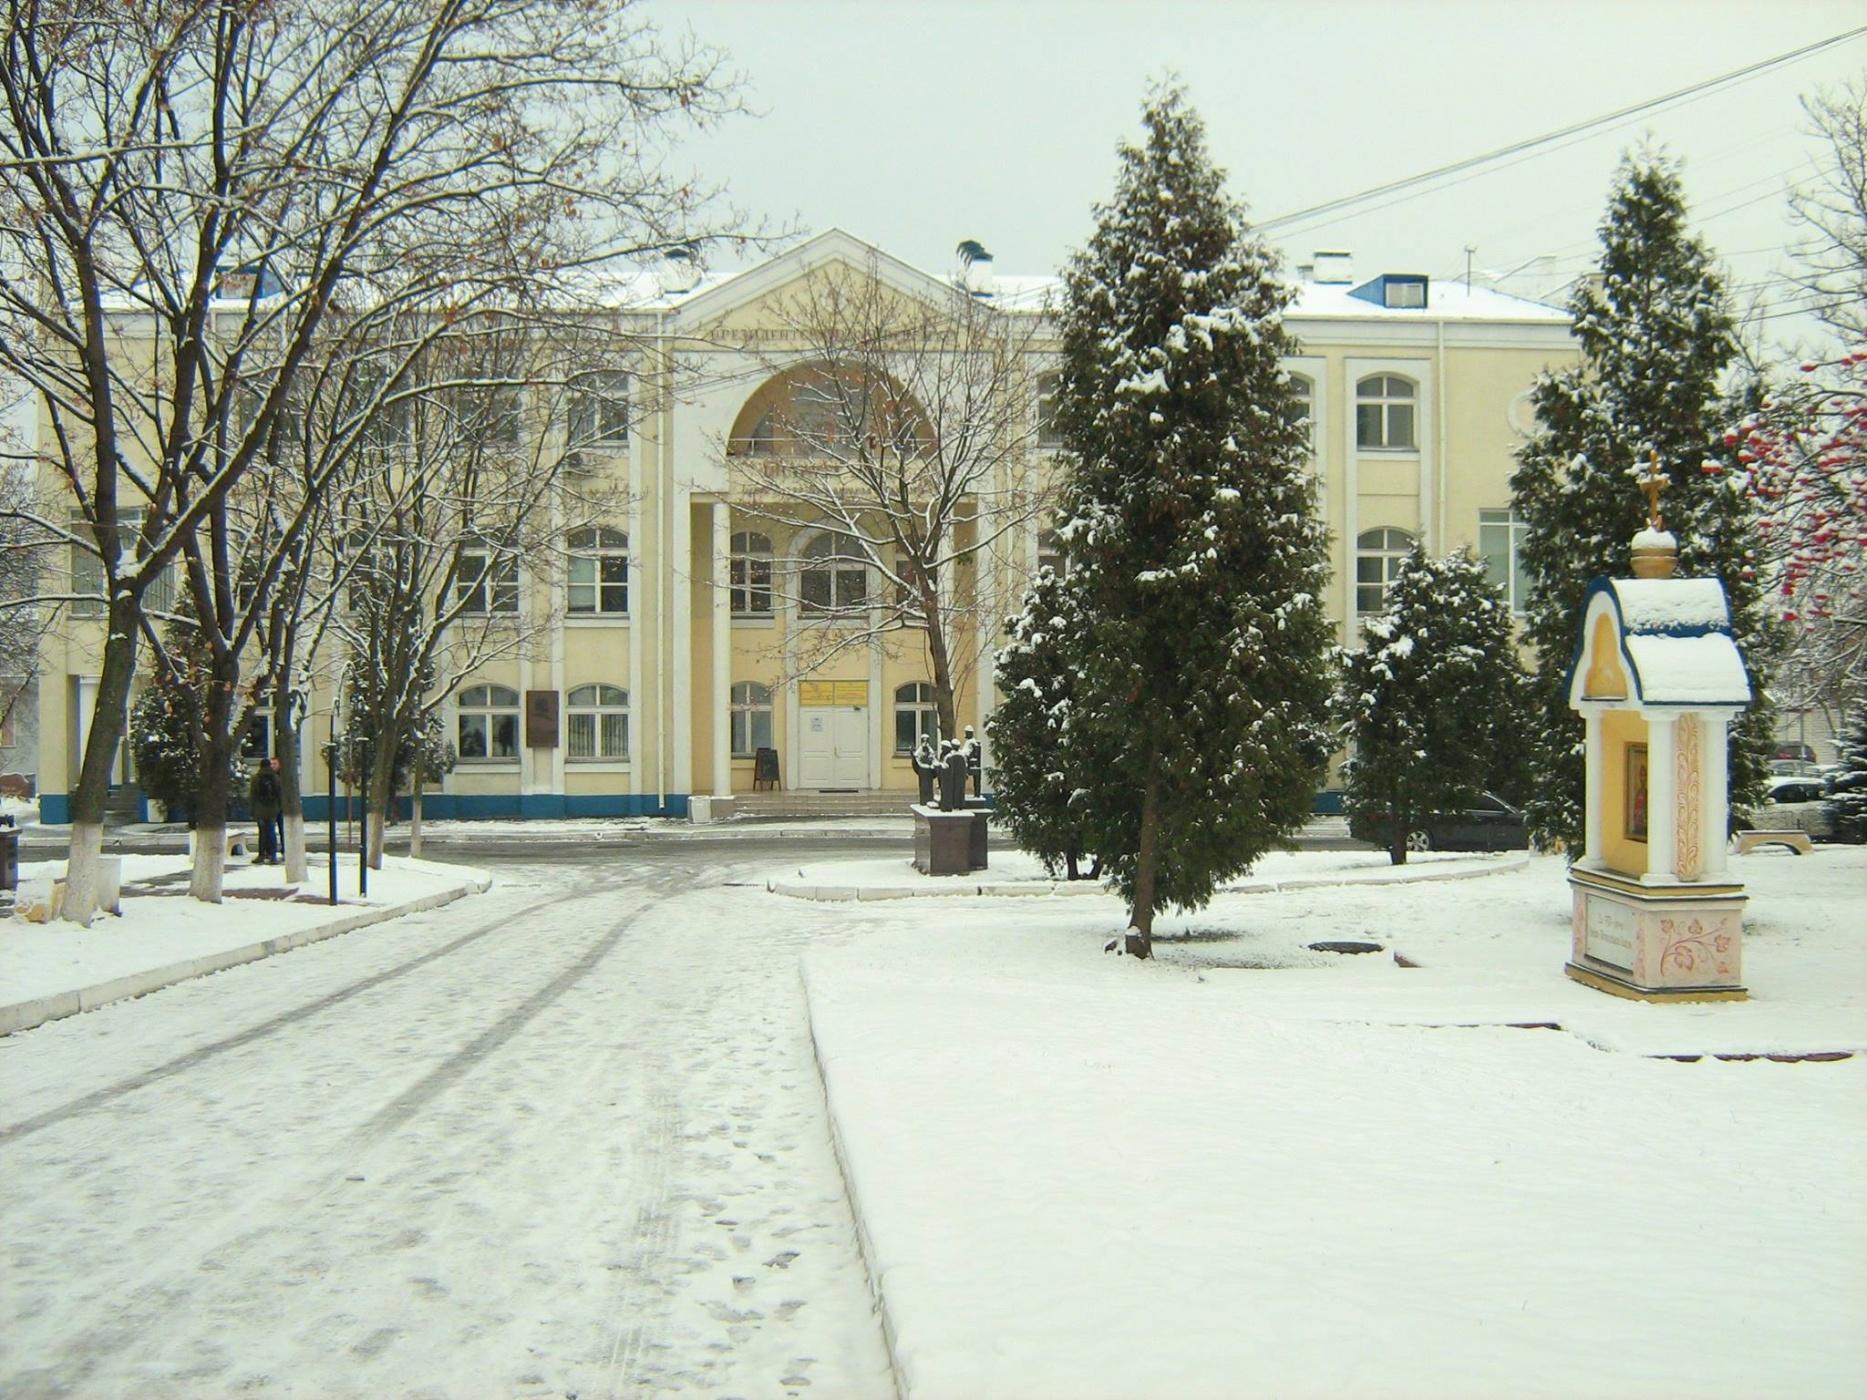 Картинки по запросу мауп зима